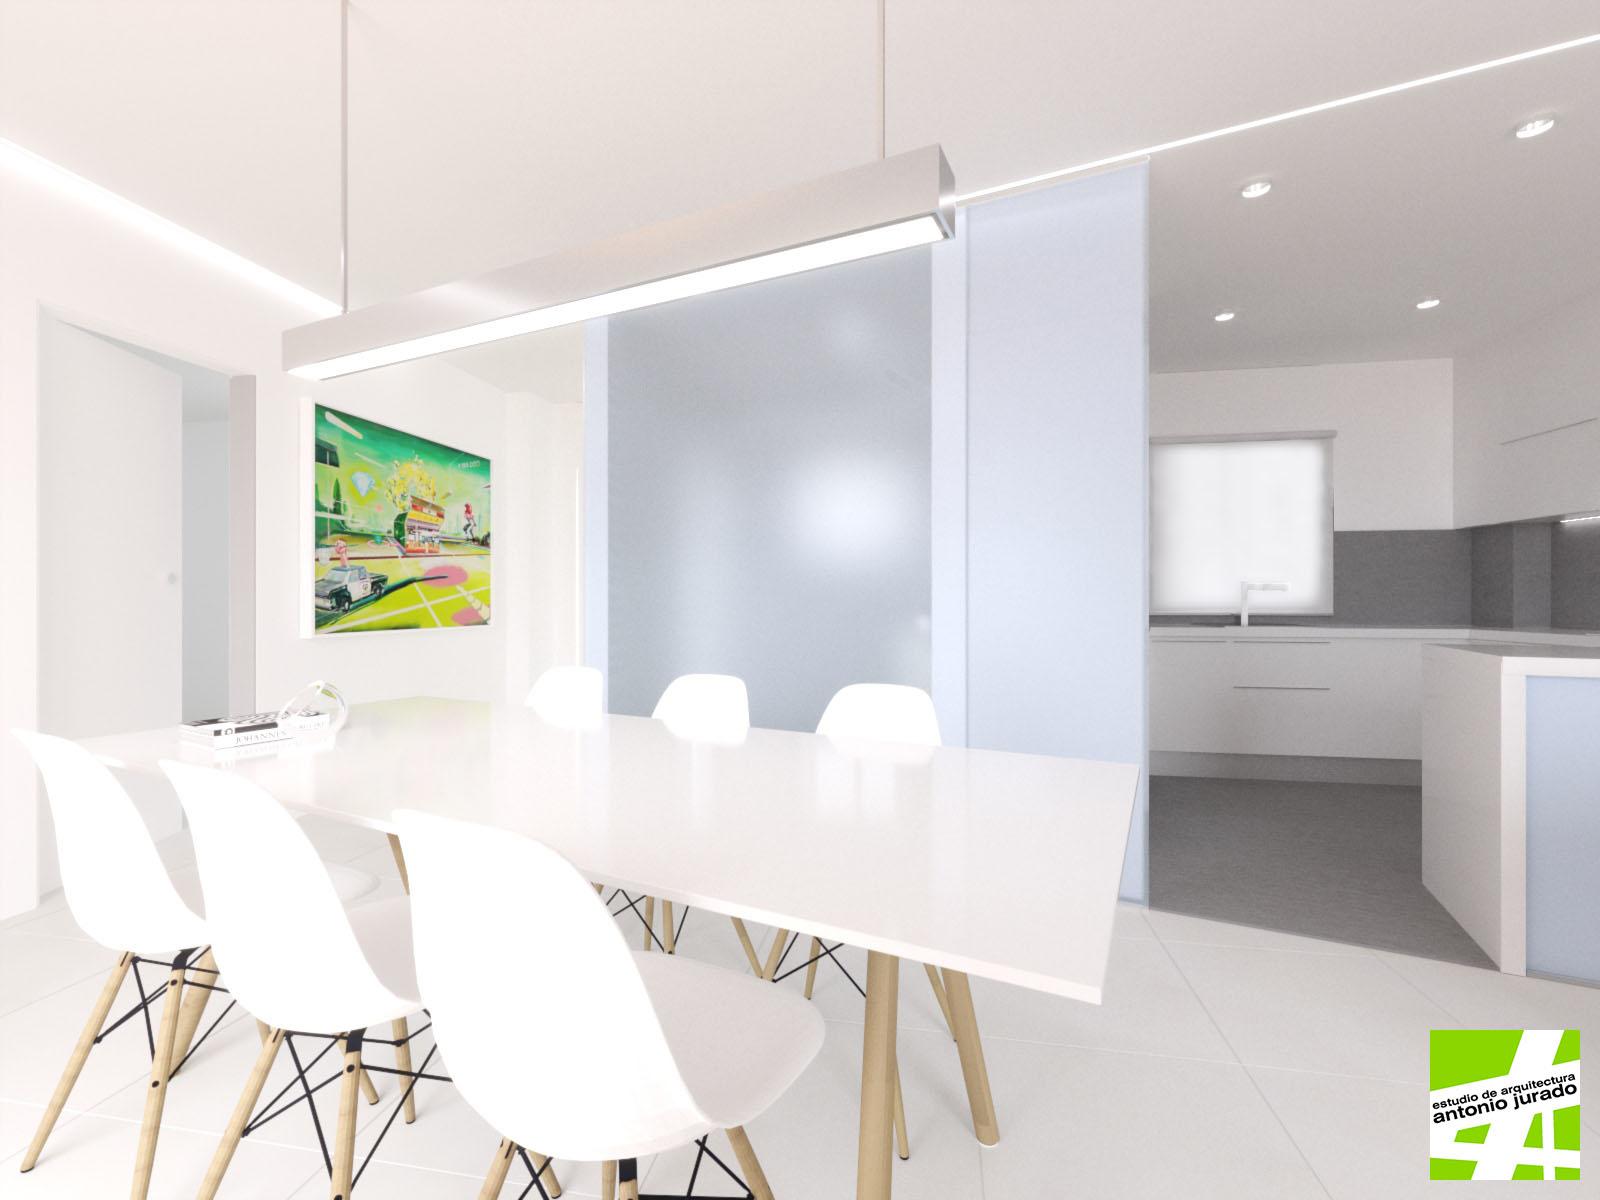 apartamento-mj-reforma-urbanizacion-torrox-park-torrox-malaga-antonio-jurado-arquitecto-02